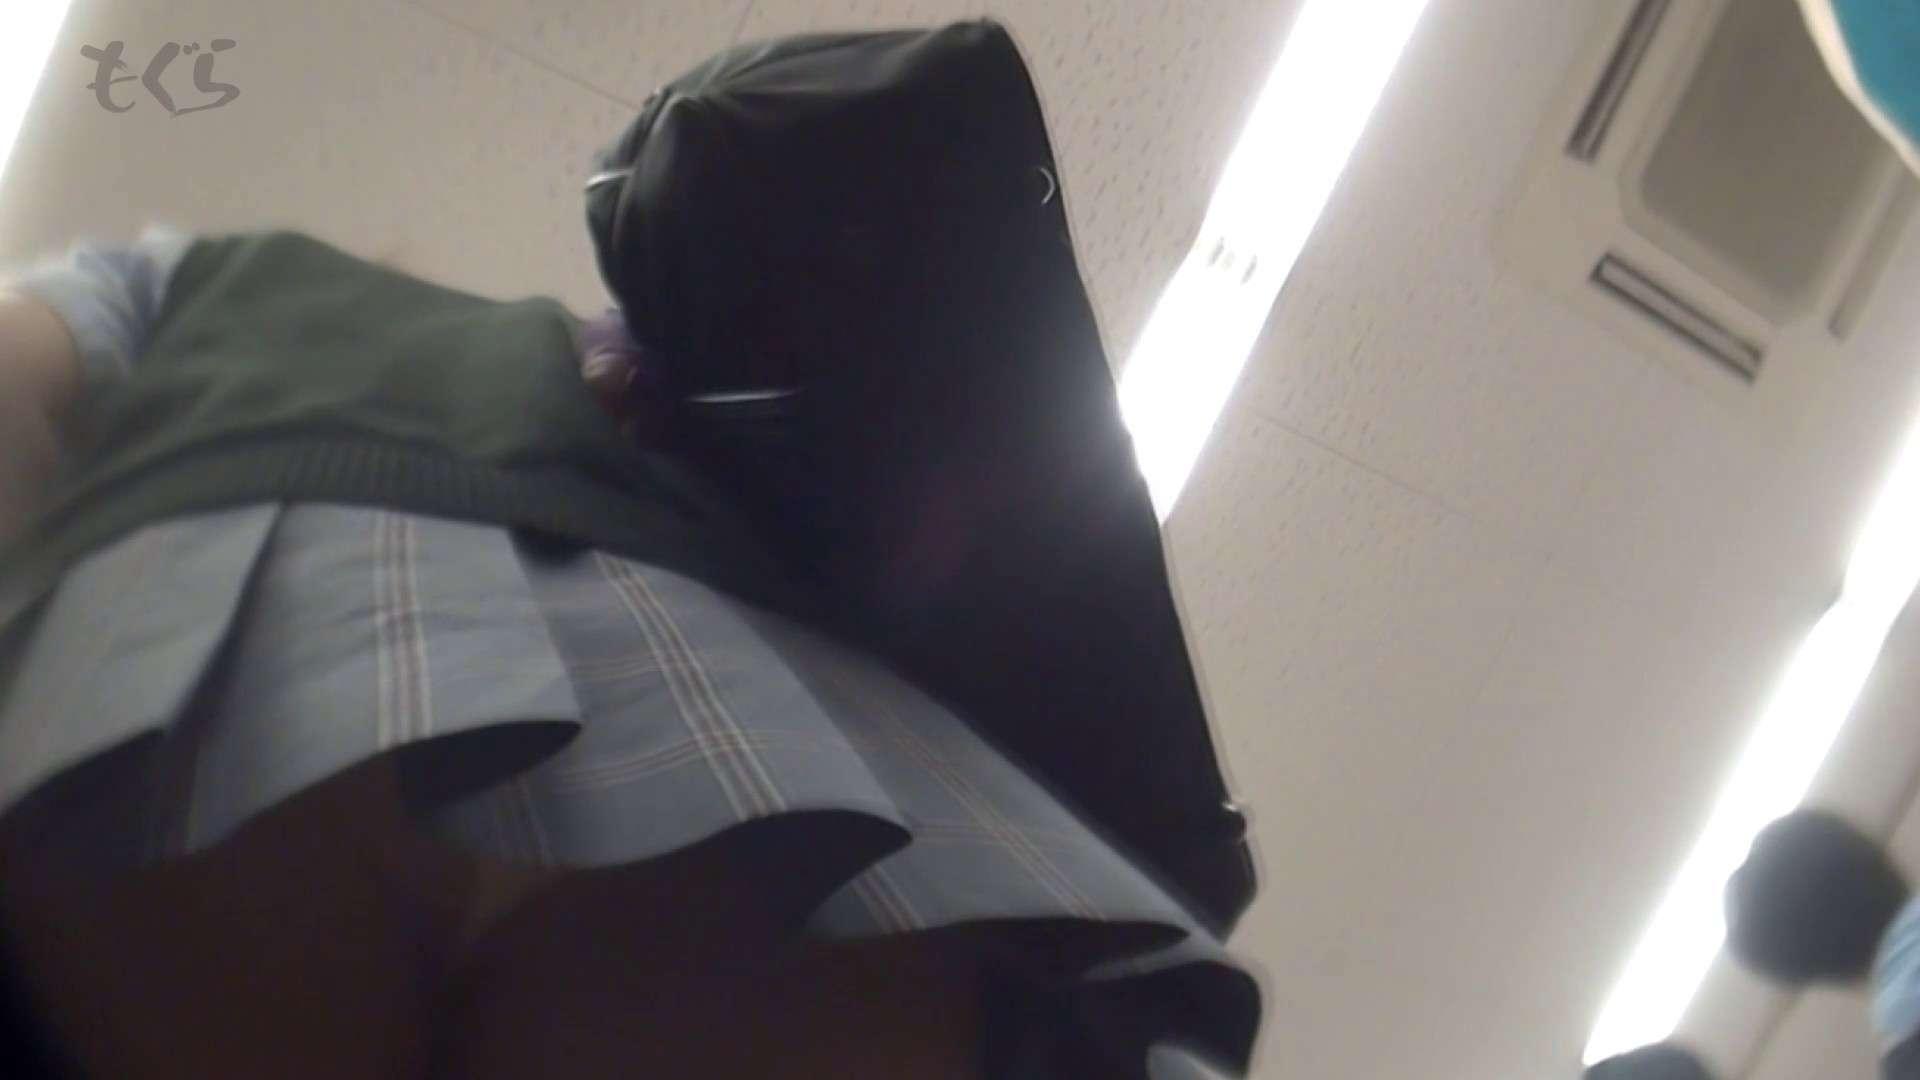 隣から【期間限定品】No.14 黒髪のJDを粘着撮り!! 期間限定  41連発 2